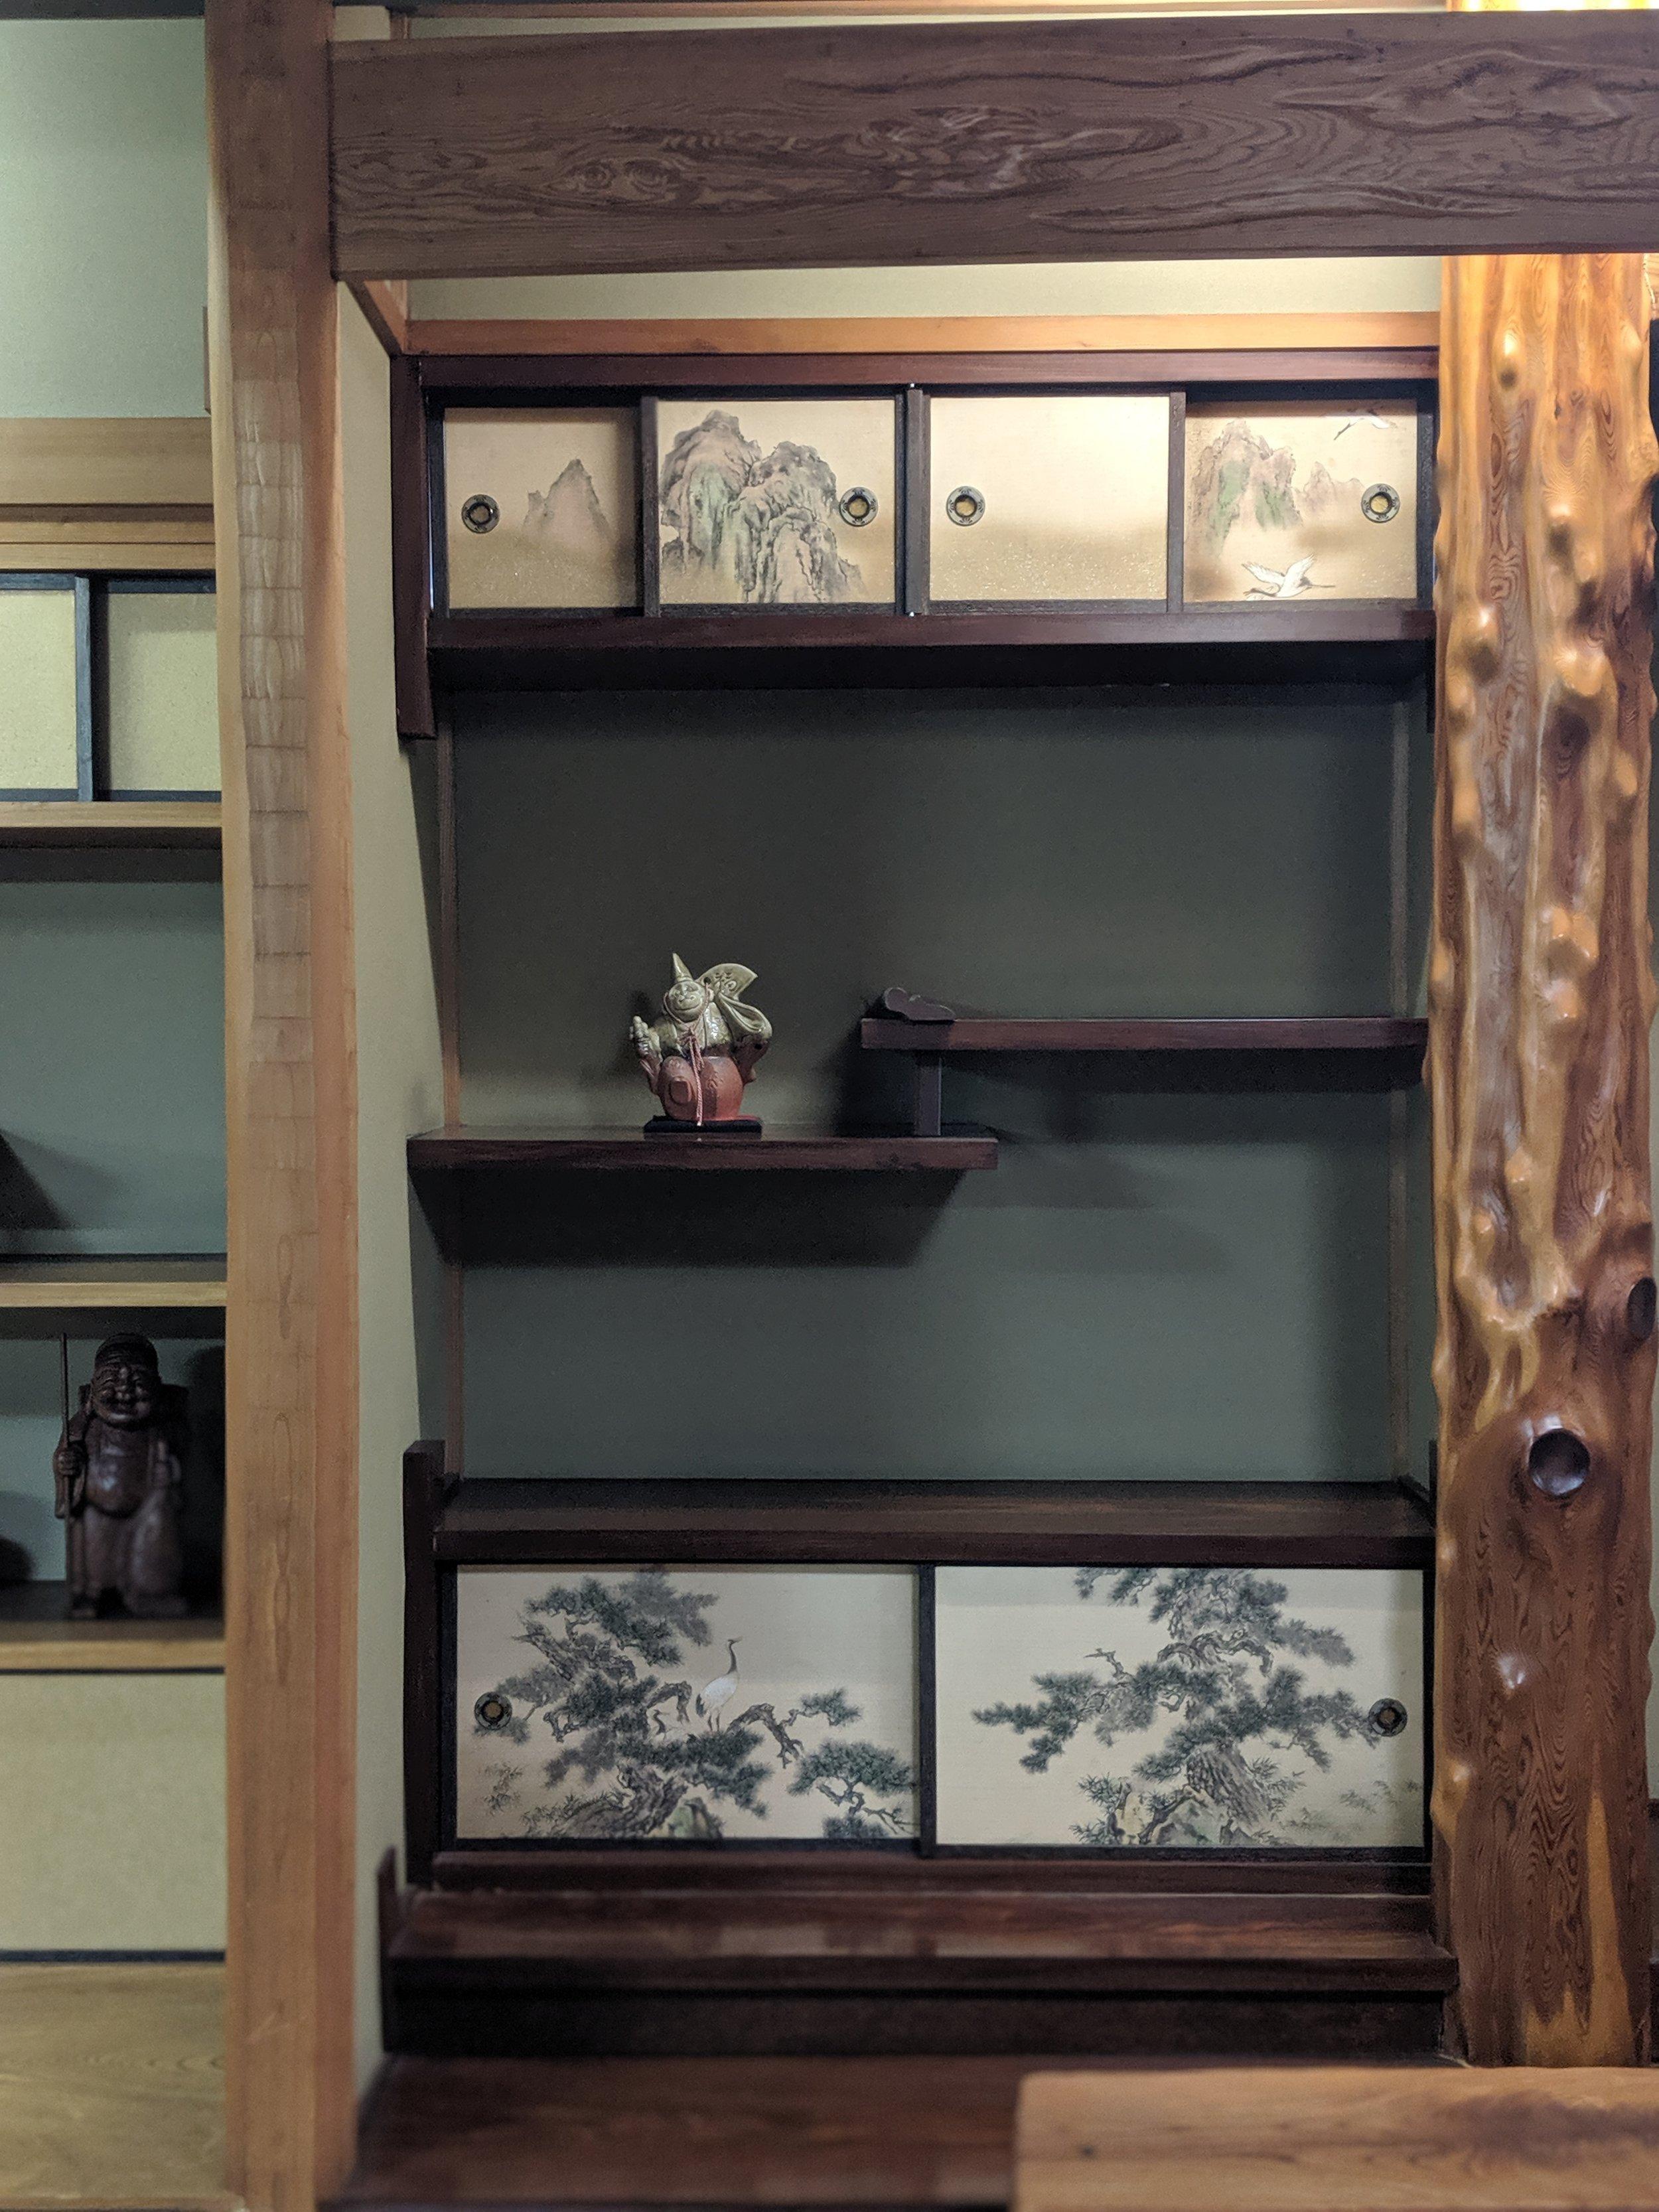 日本の伝統と美 - 伝統的な和室